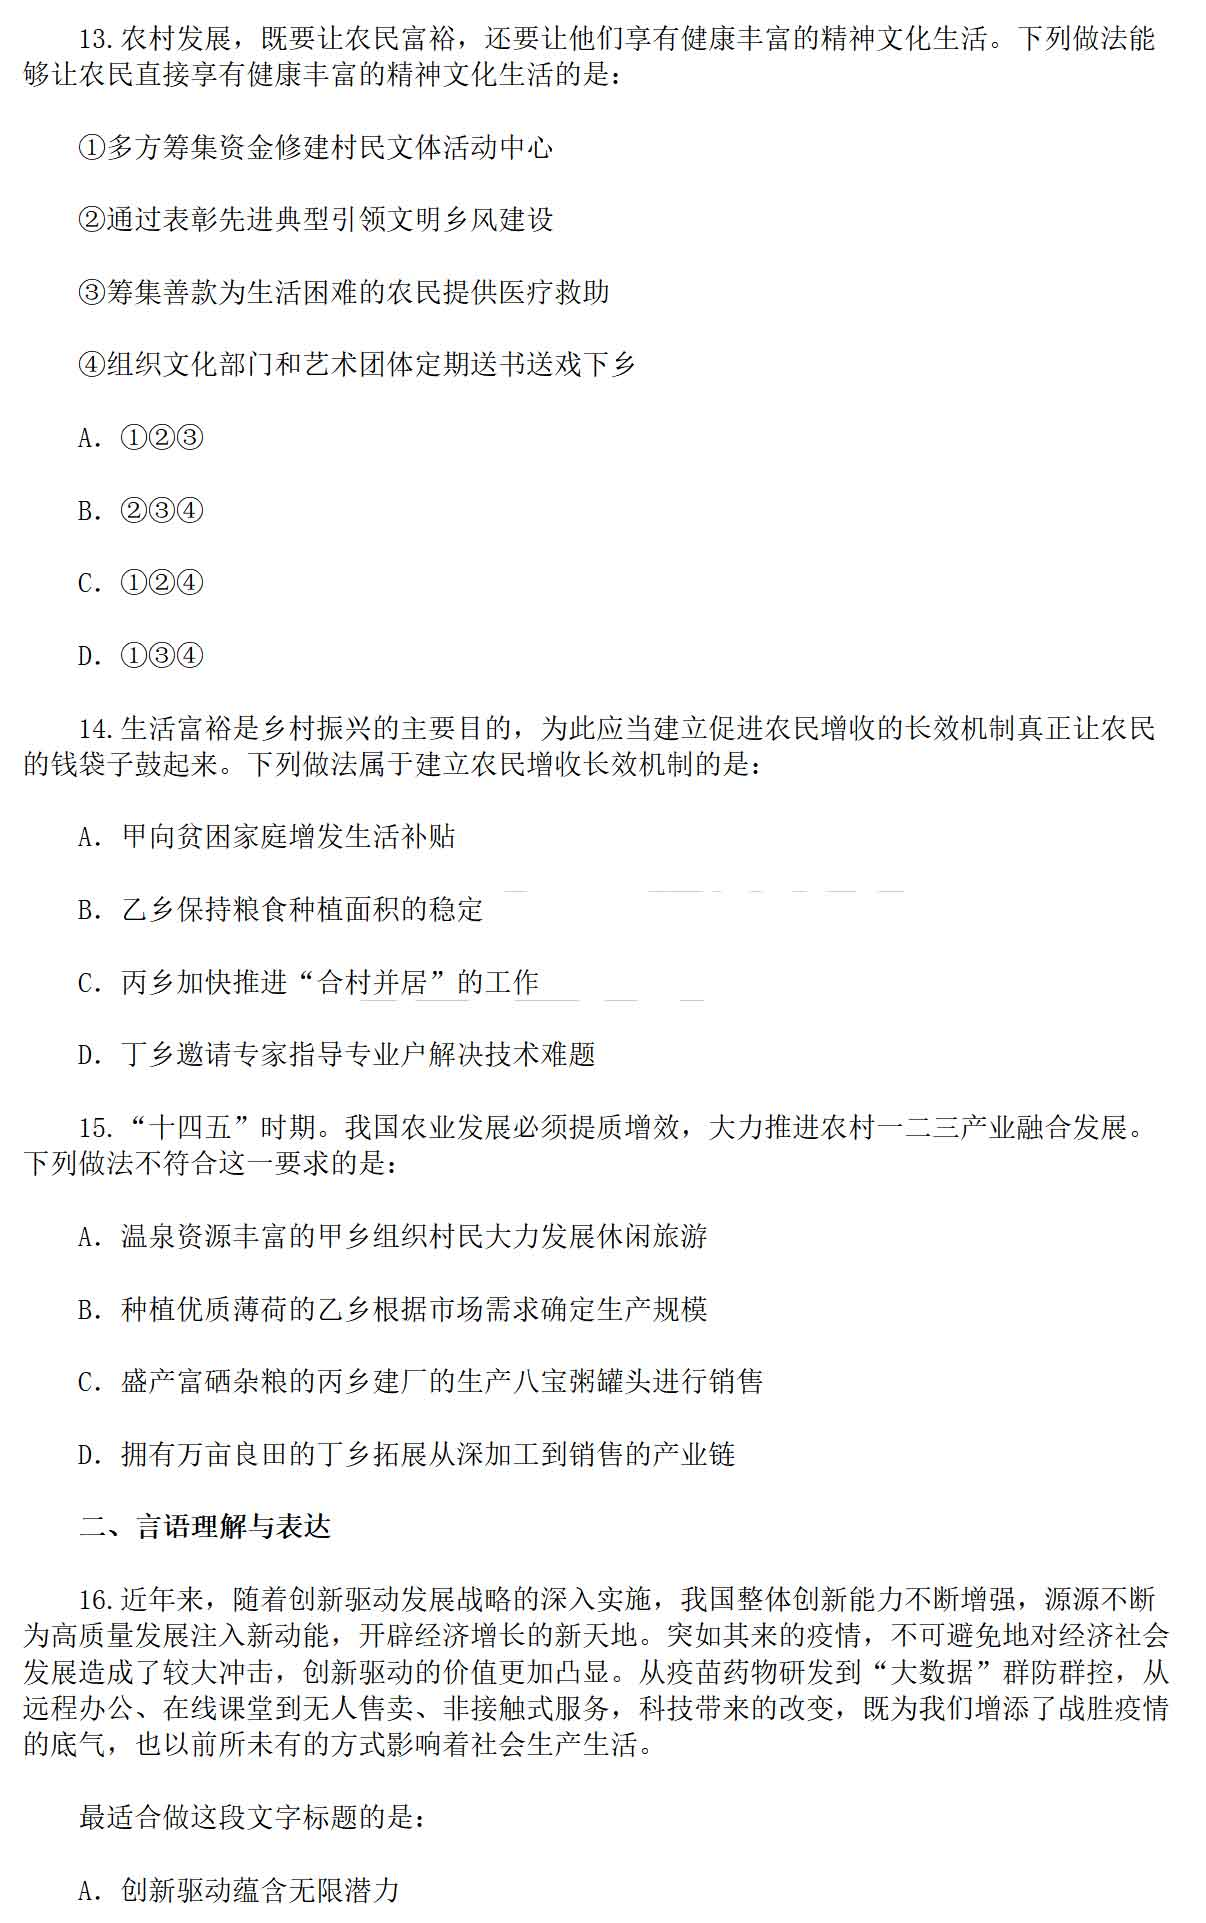 2021年江苏公务员考试行测真题已公布(C卷)